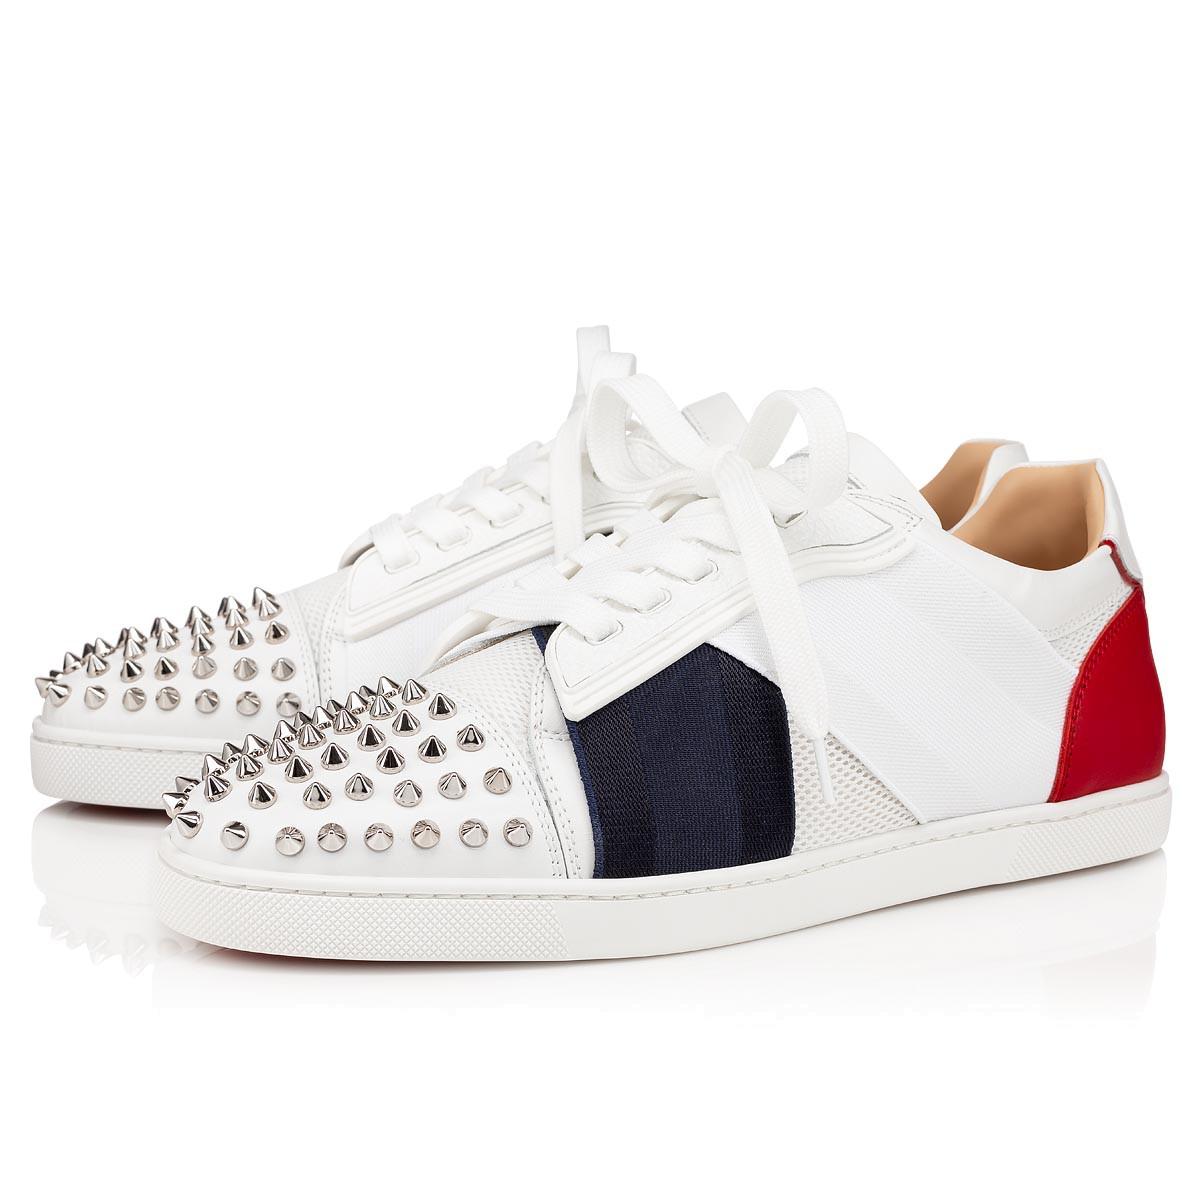 鞋履 - Elastikid Spikes Donna - Christian Louboutin